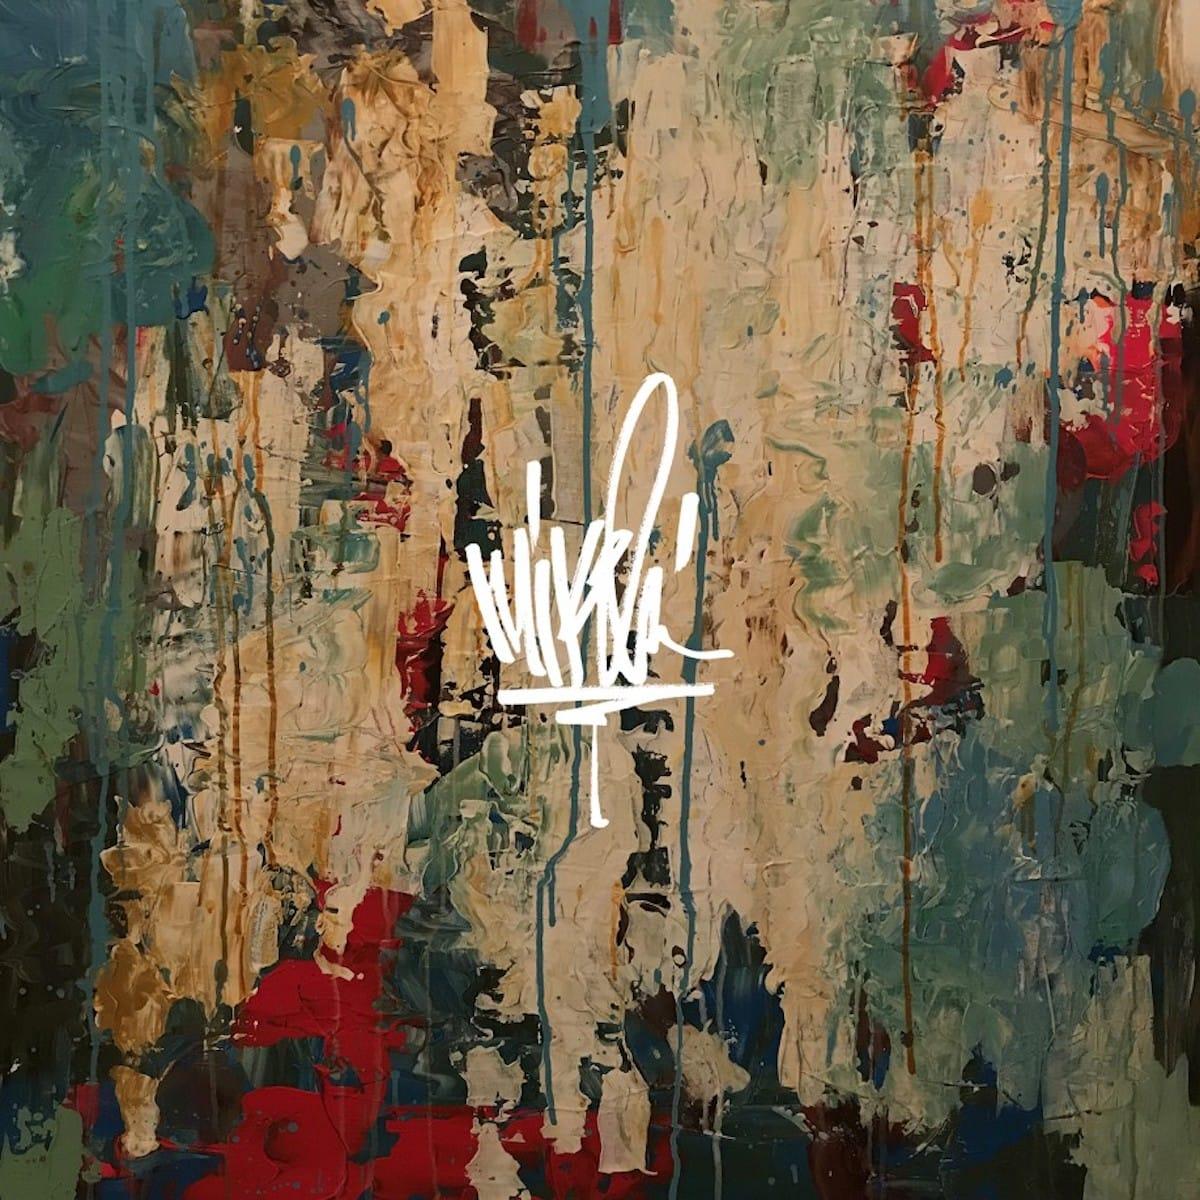 リンキン・パークのマイク・シノダがチェスターを亡くした衝撃と悲しみと向き合ったアルバム『Post Traumatic』をリリース発表! music180330_mike-shinoda_2-1200x1200